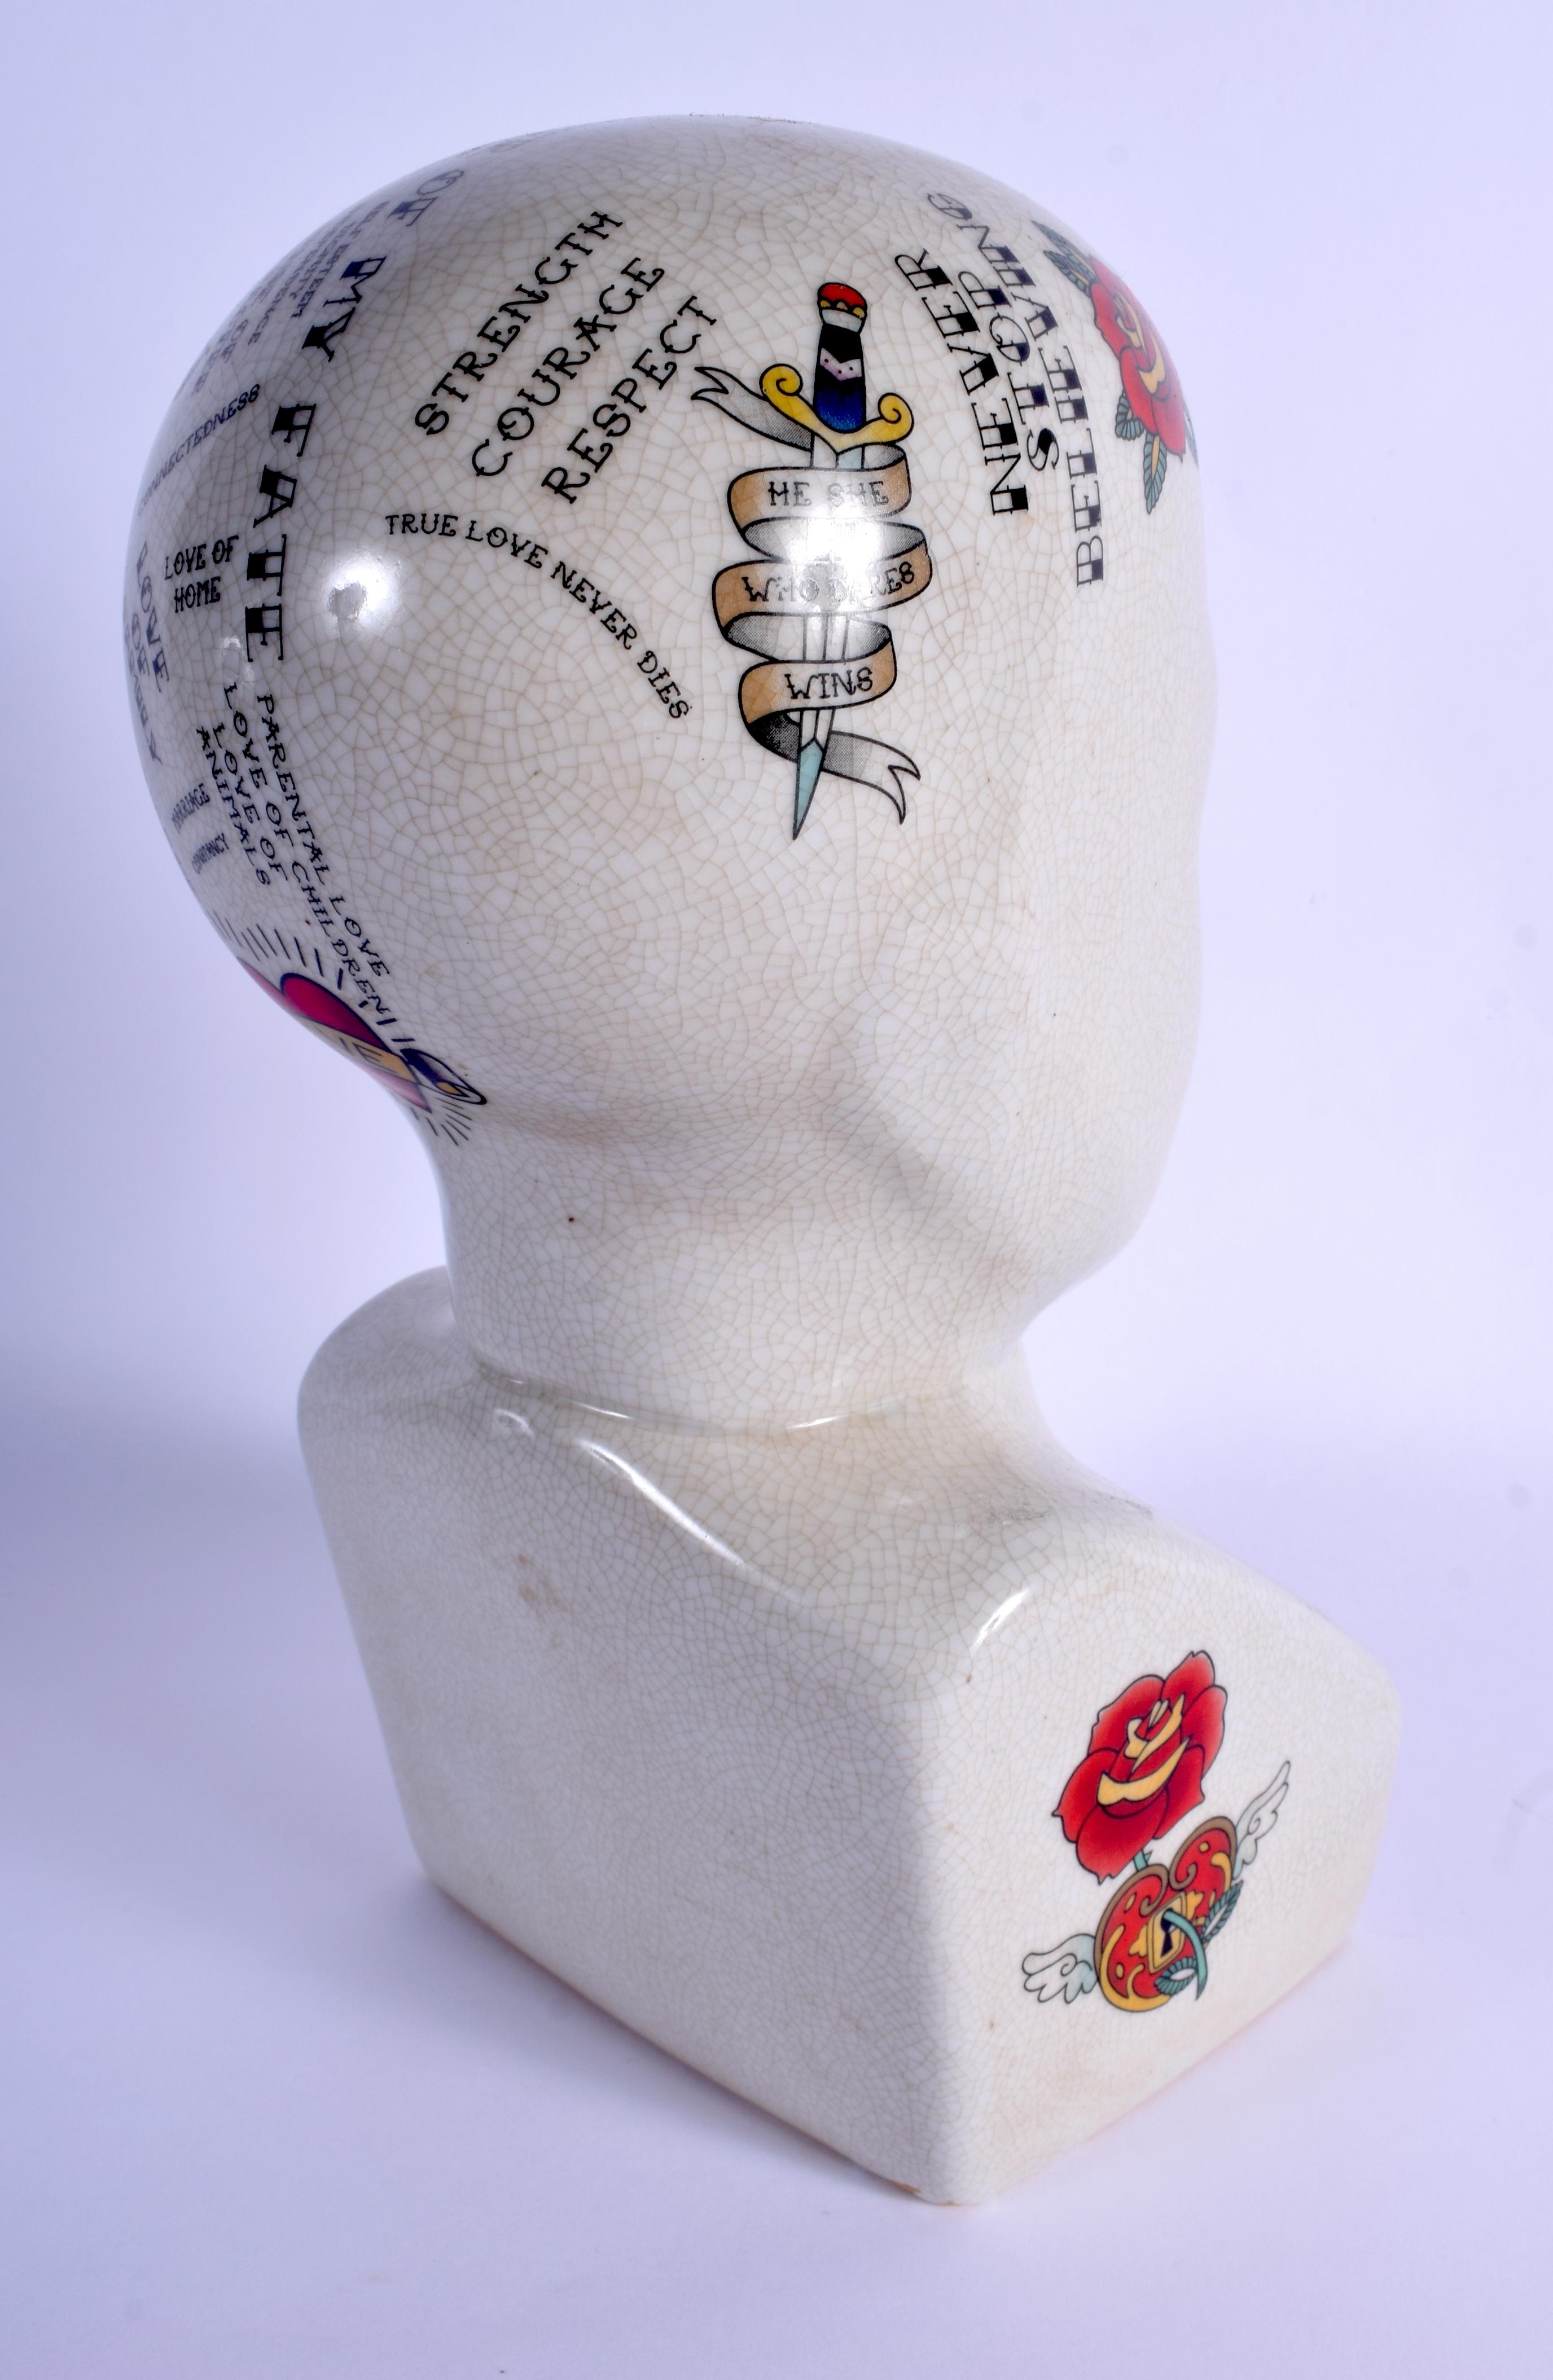 A PHRENOLOGY MOUSTACHE HEAD. 30 cm x 14 cm. - Image 2 of 3